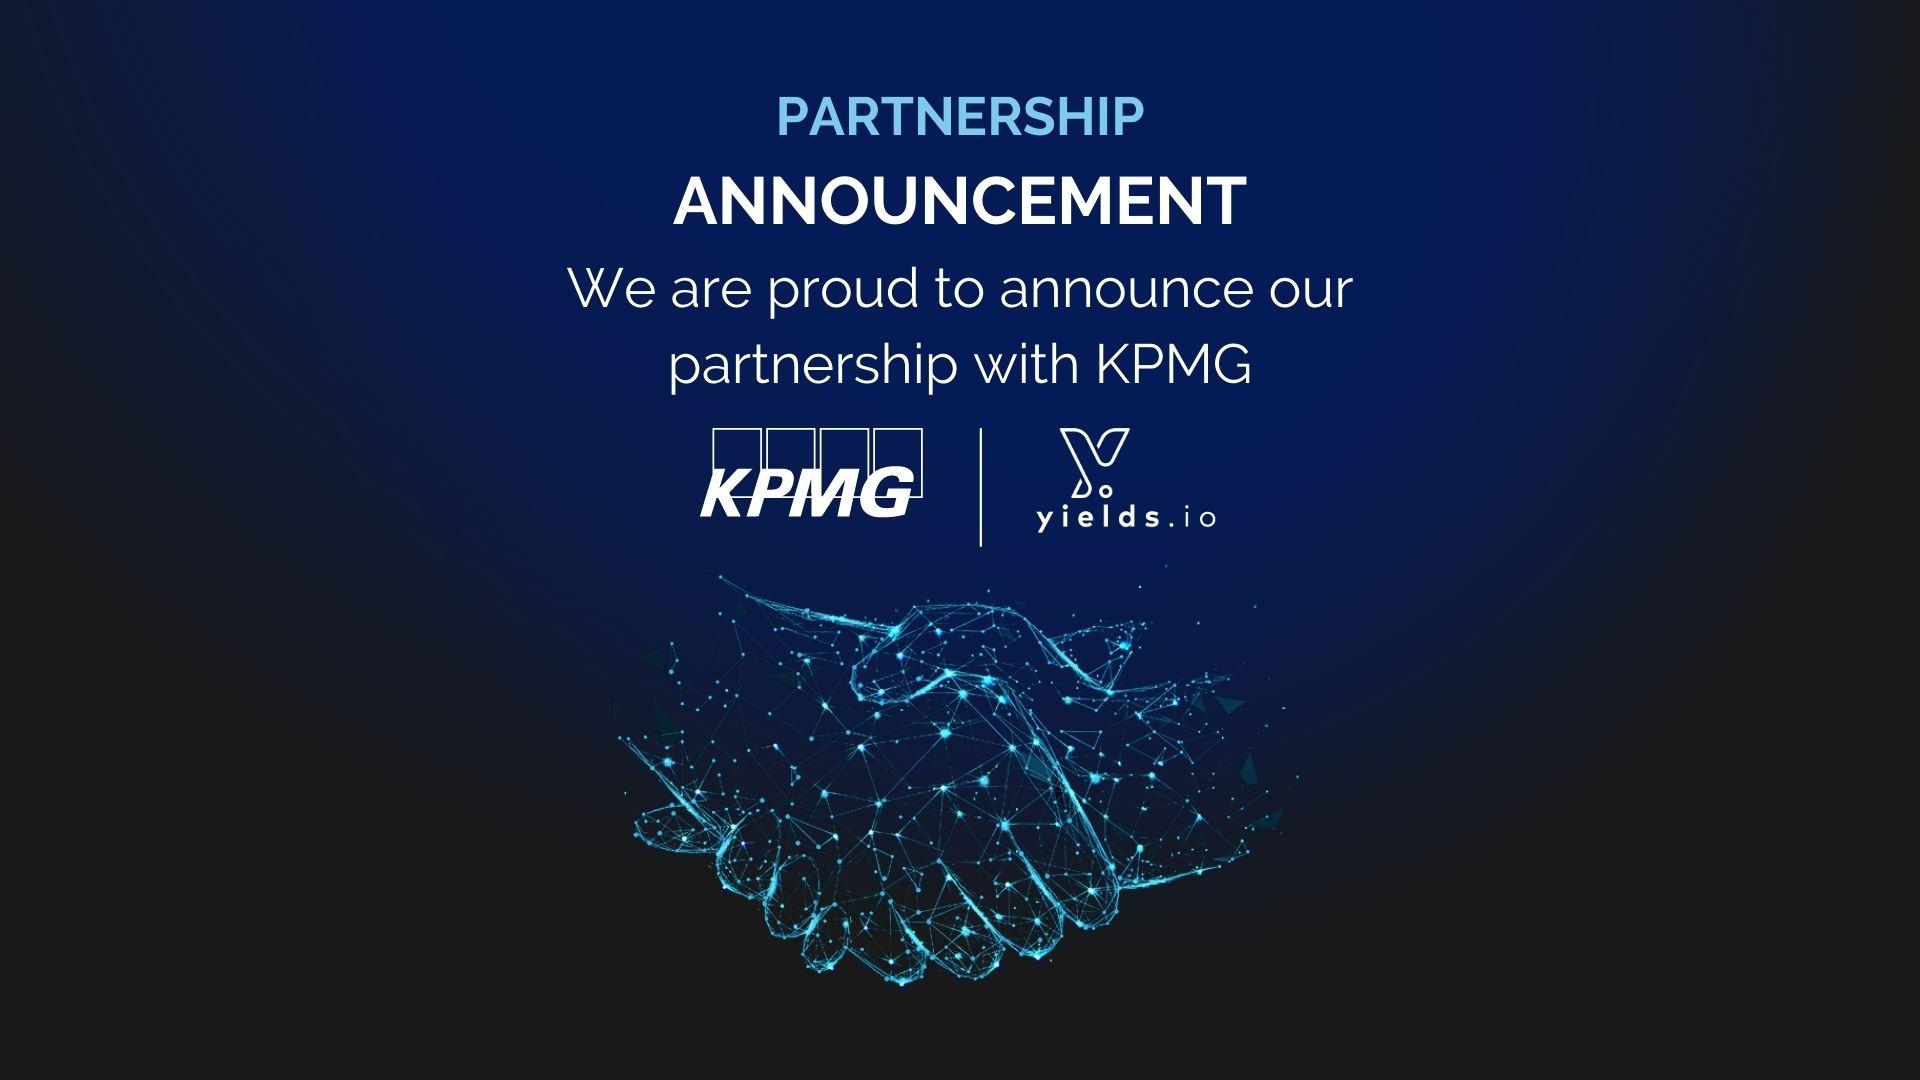 KPMG Yields.io Partnership